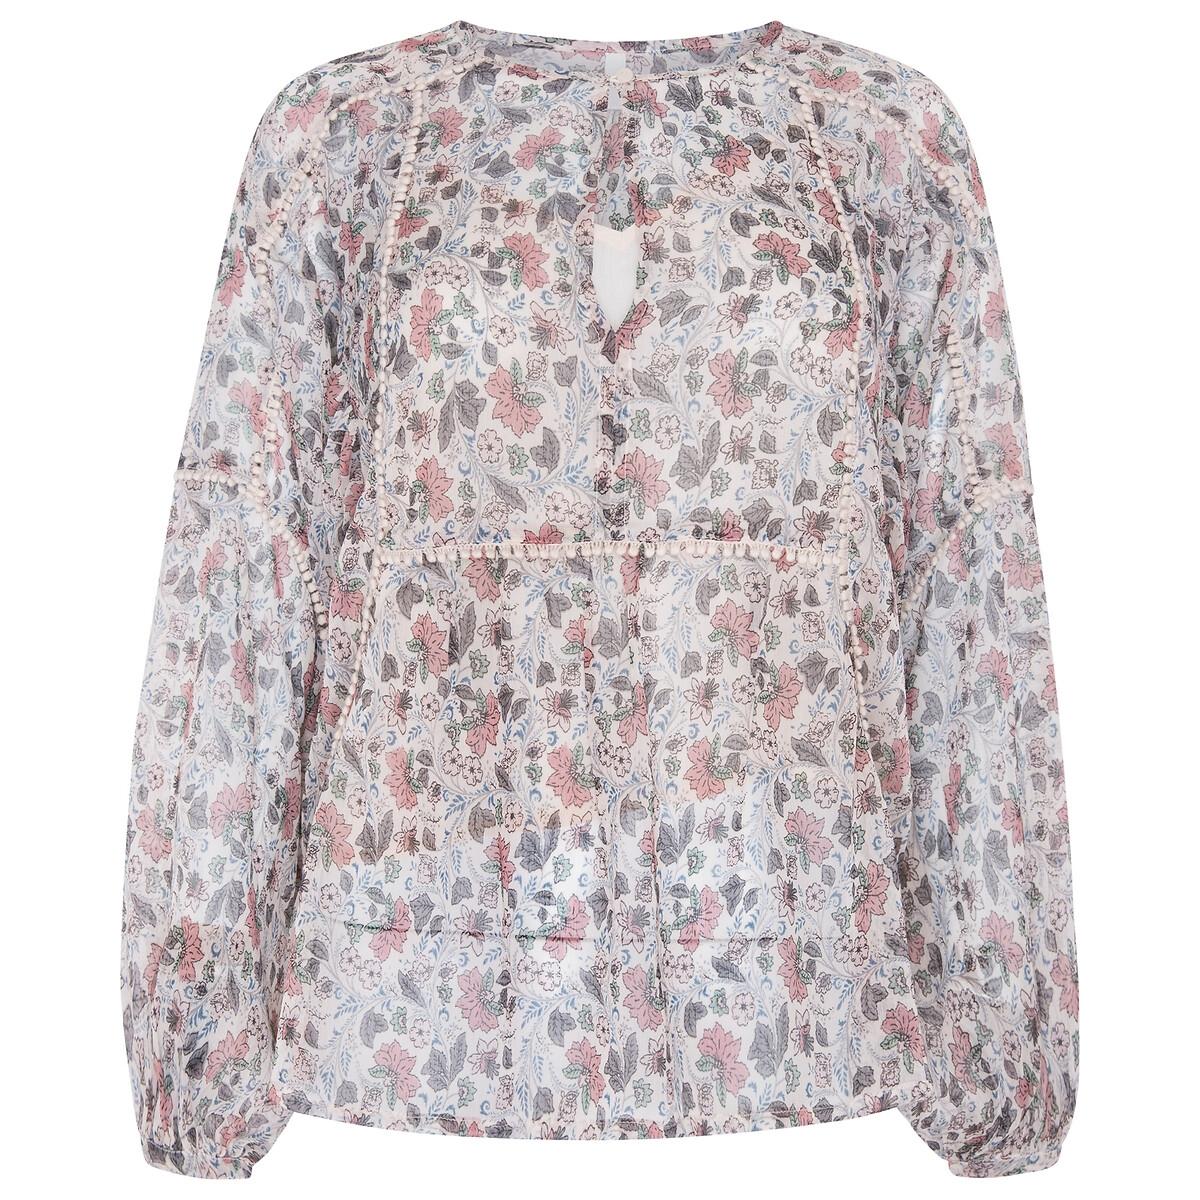 Blusa de flores, manga larga